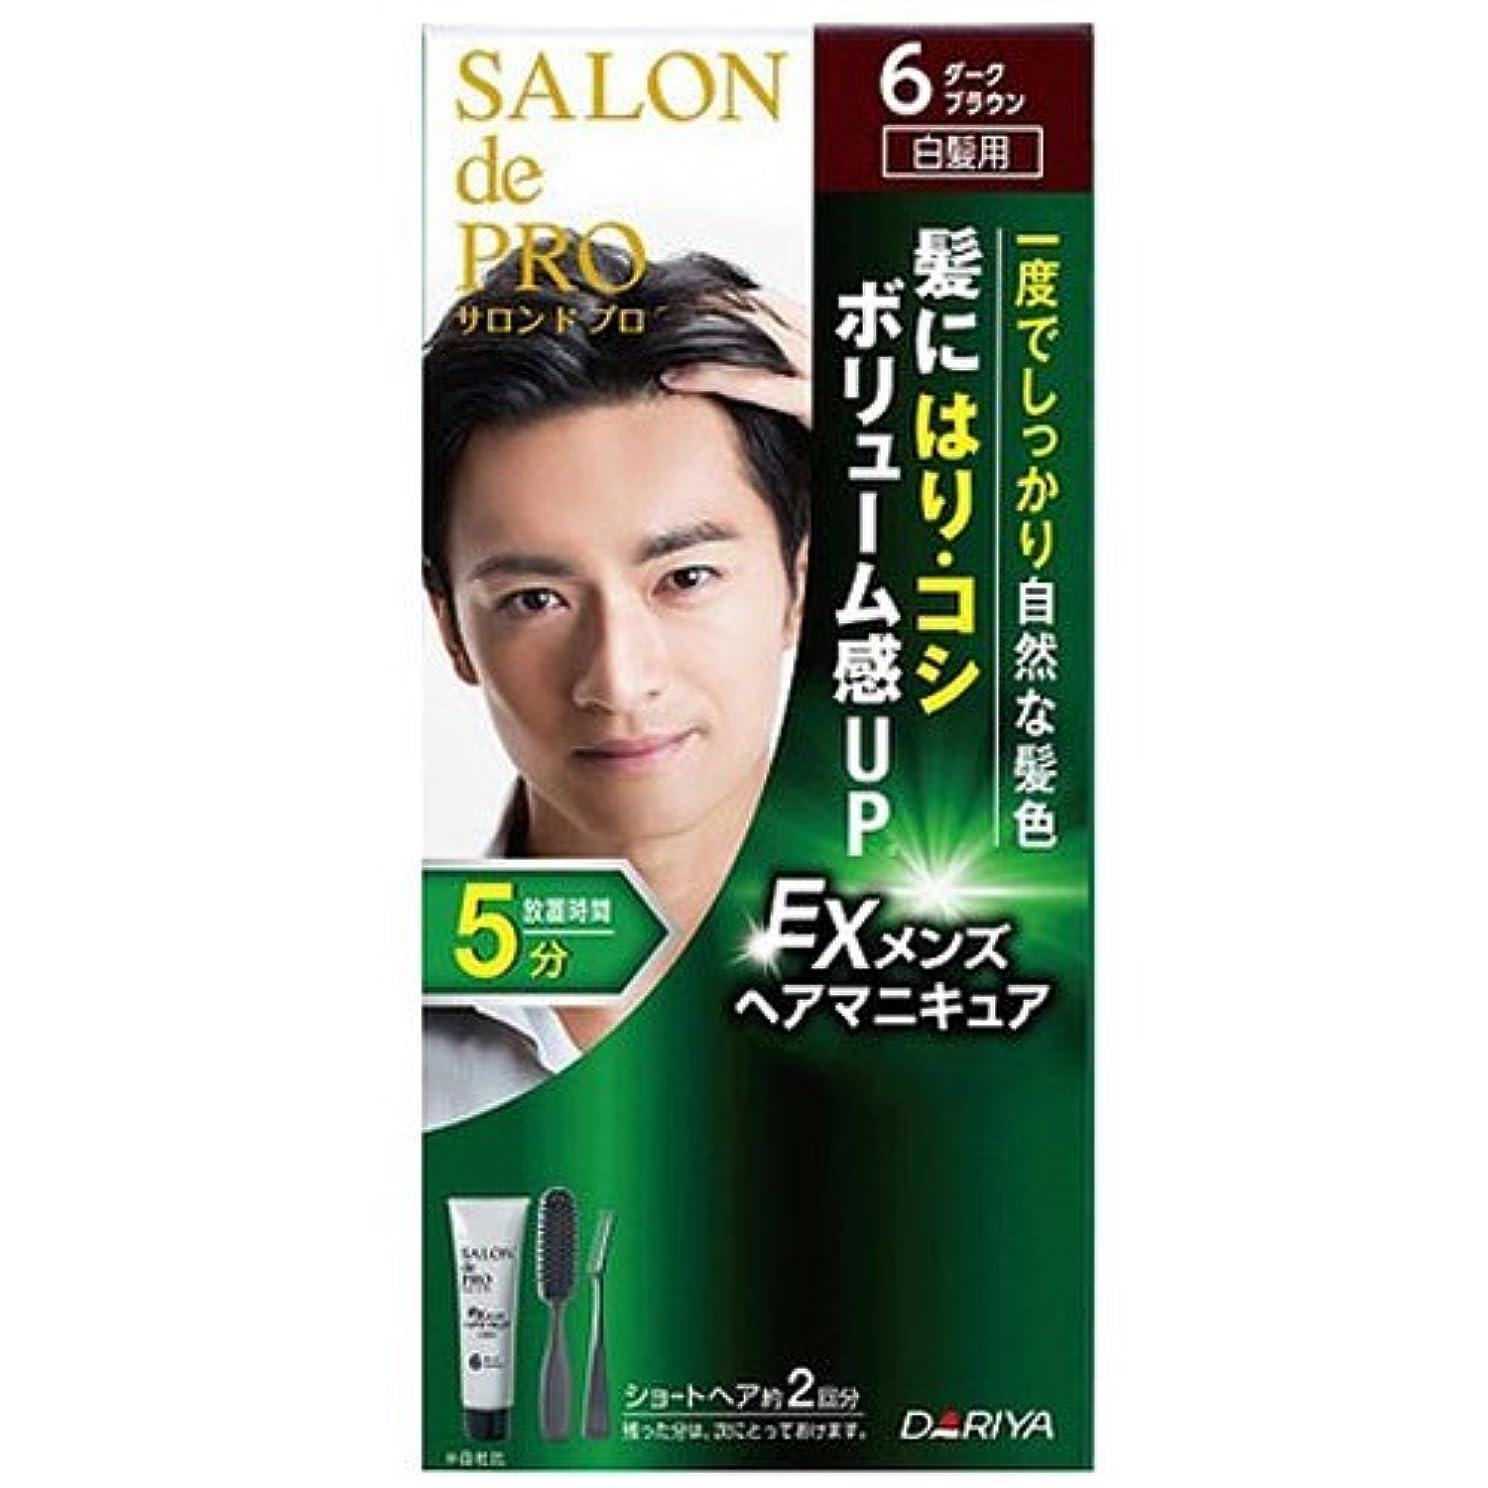 ジョージスティーブンソン快適すなわちサロンドプロ EXメンズヘアマニキュア 白髪用 6 ダークブラウン